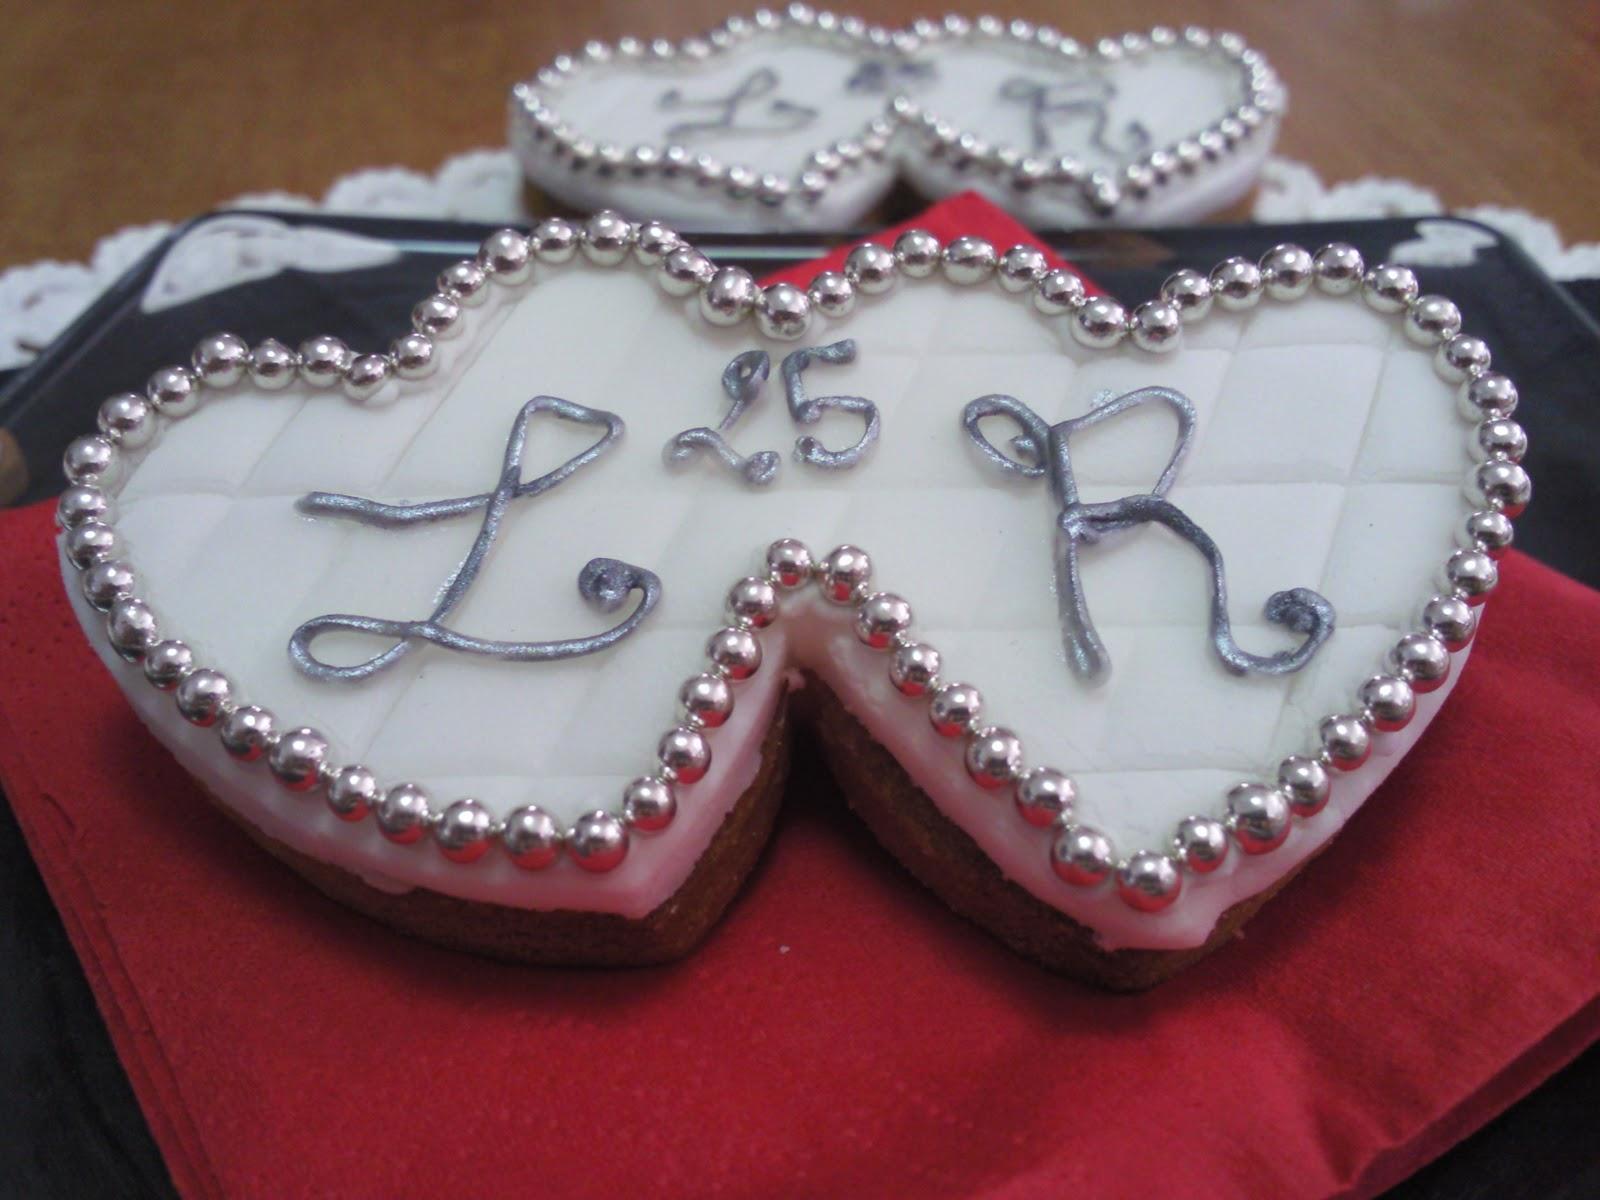 Ricette di dolci per matrimonio ricette popolari sito for Cucinare x diabetici